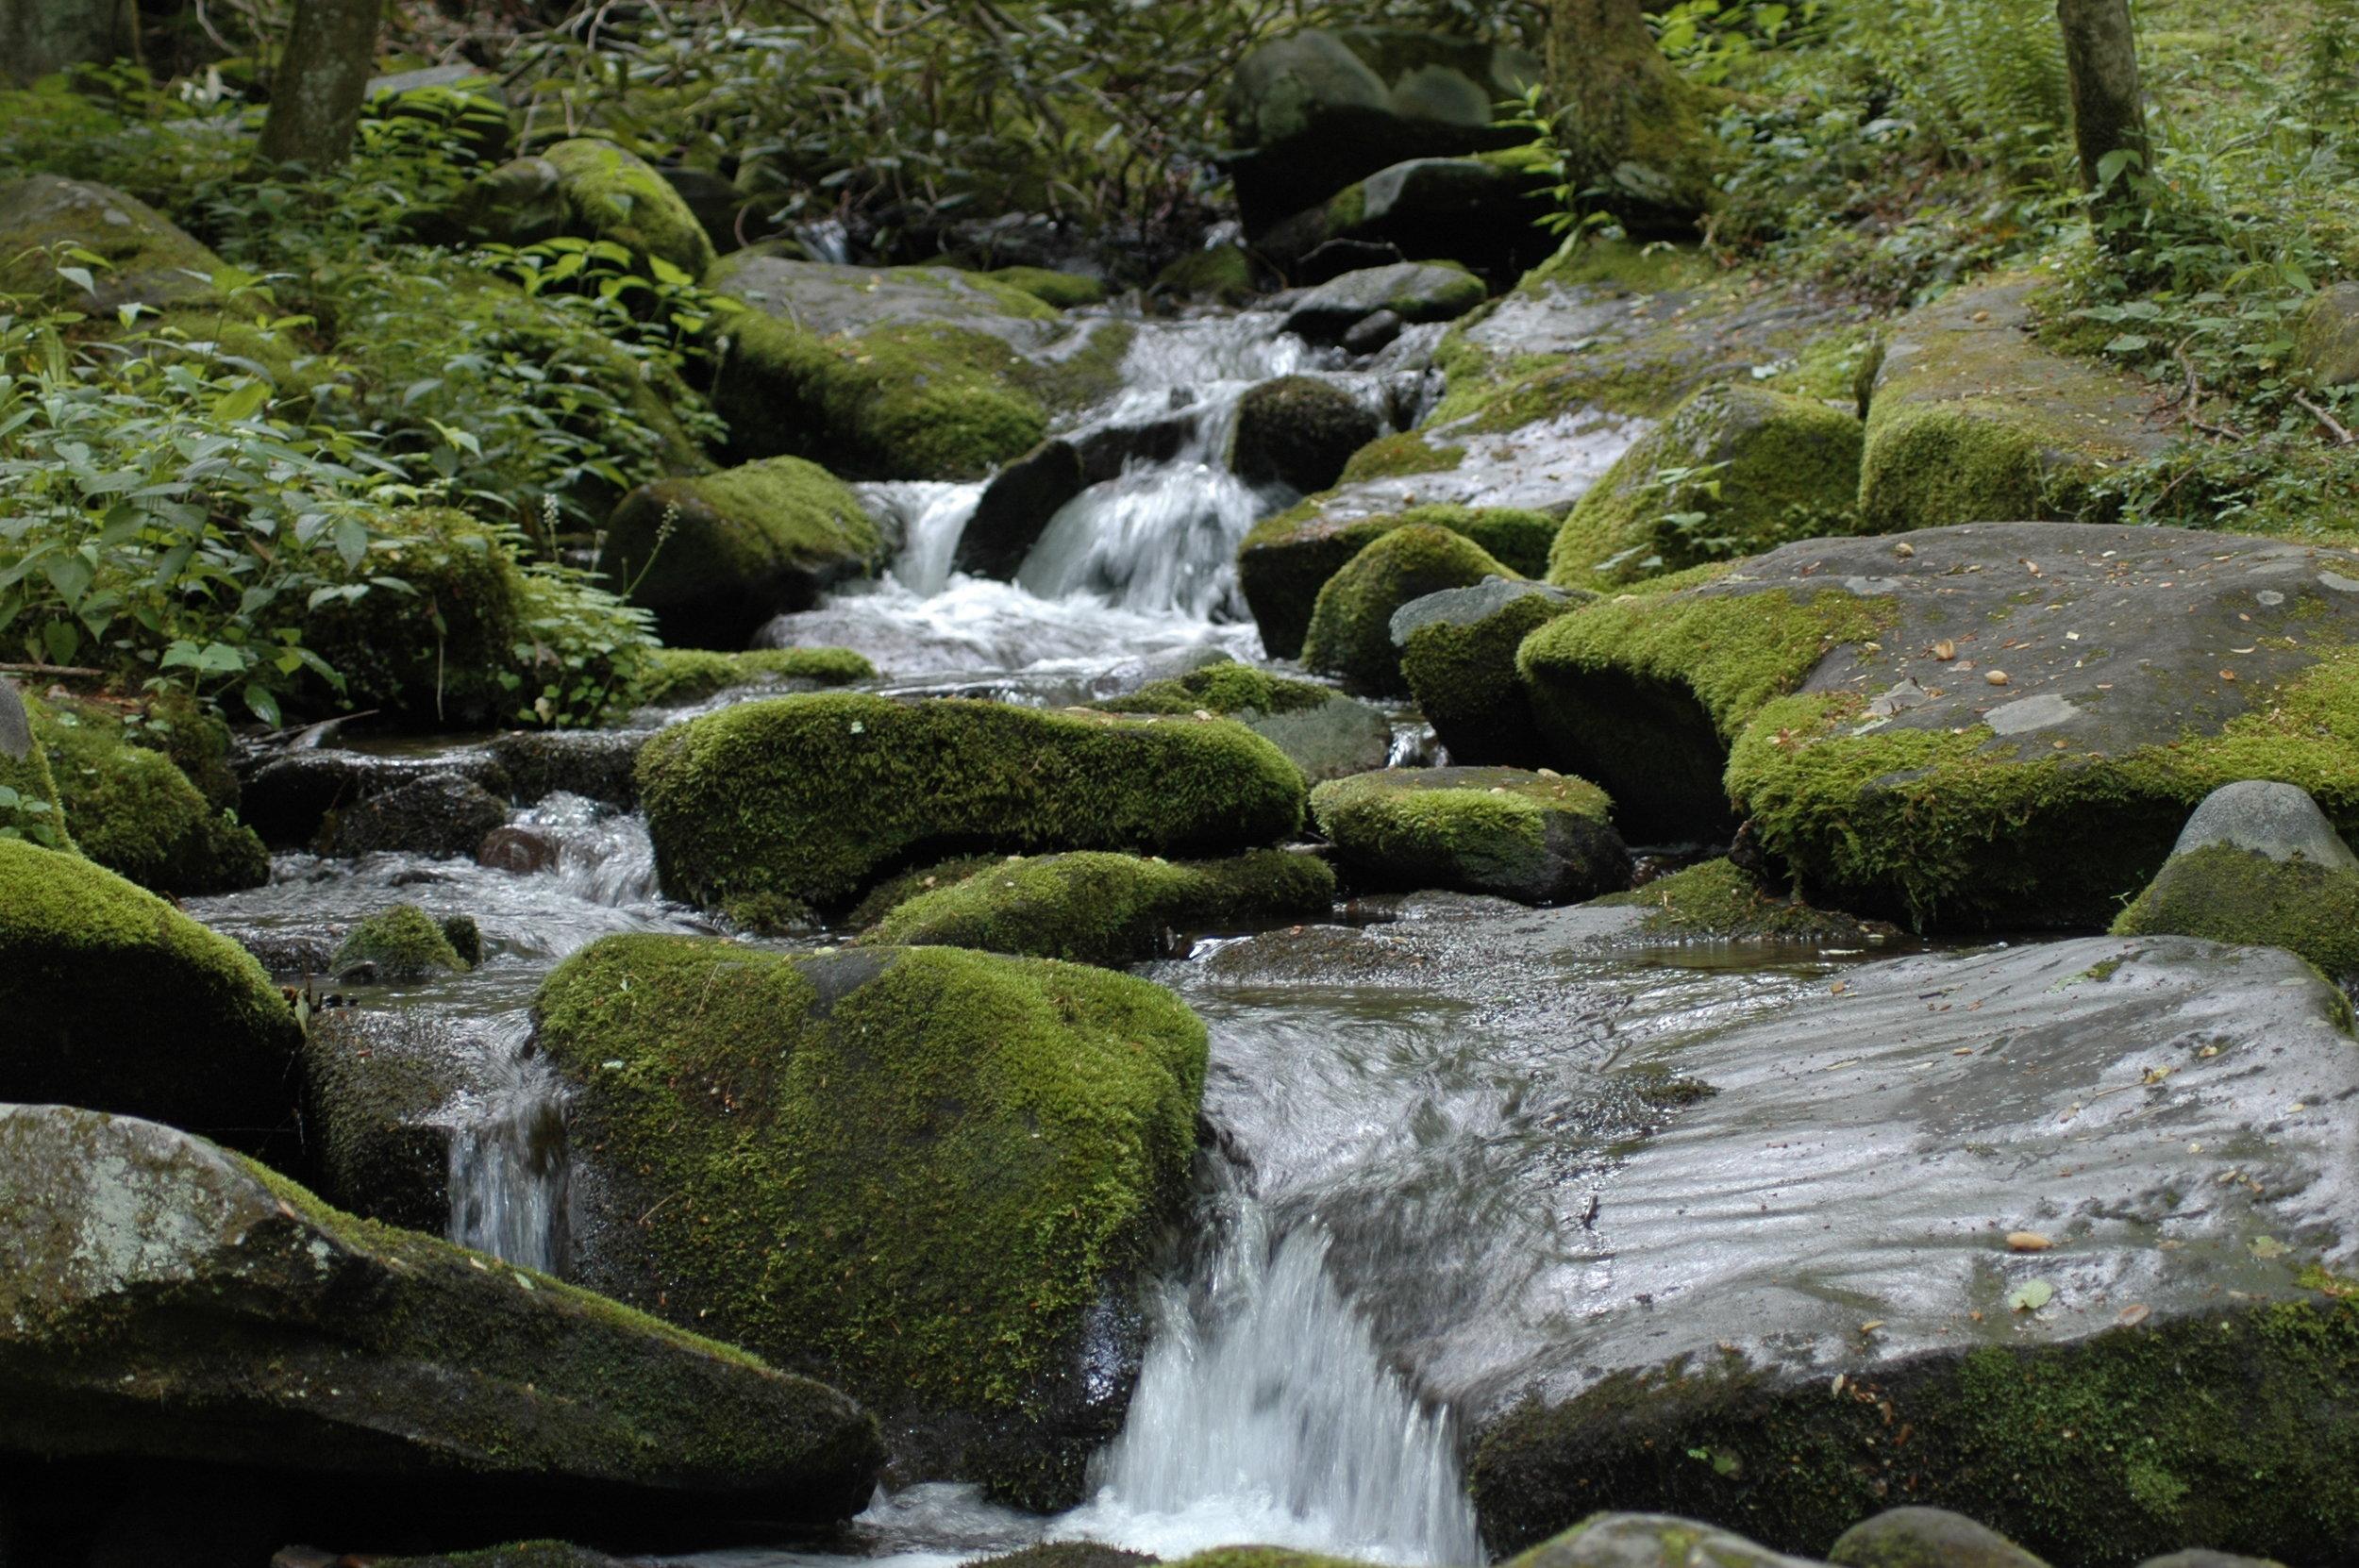 Smoky Mountain Stream.JPG